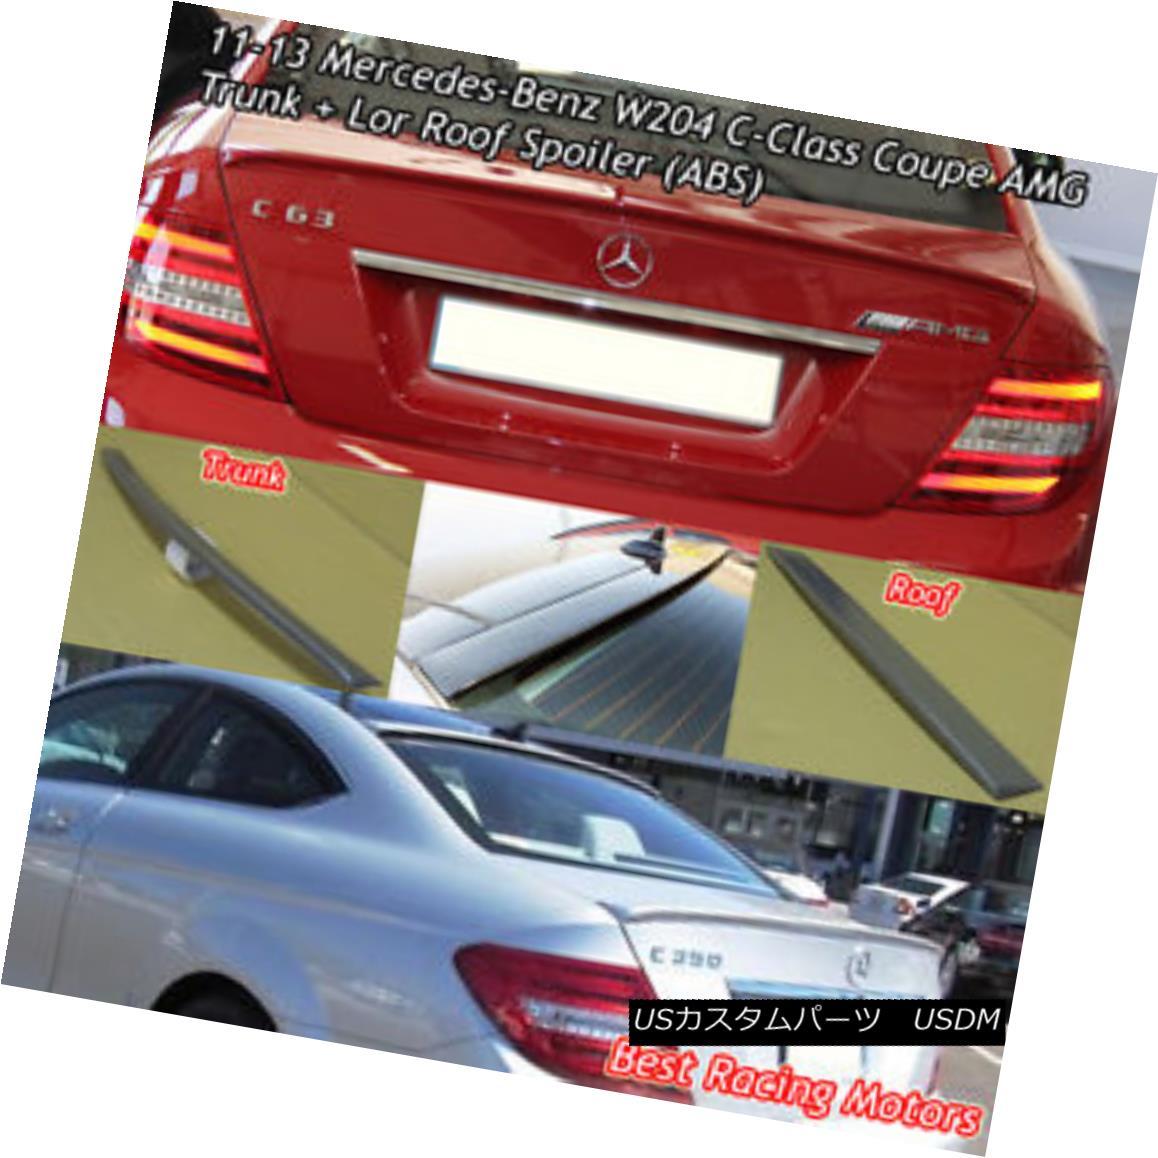 エアロパーツ A Style Trunk + Roof Spoiler (ABS) Fit 11-15 Mercedes-Benz W204 C-Class Coupe スタイルトランク+ルーフスポイラー(ABS)フィット11-15メルセデスベンツW204 Cクラスクーペ